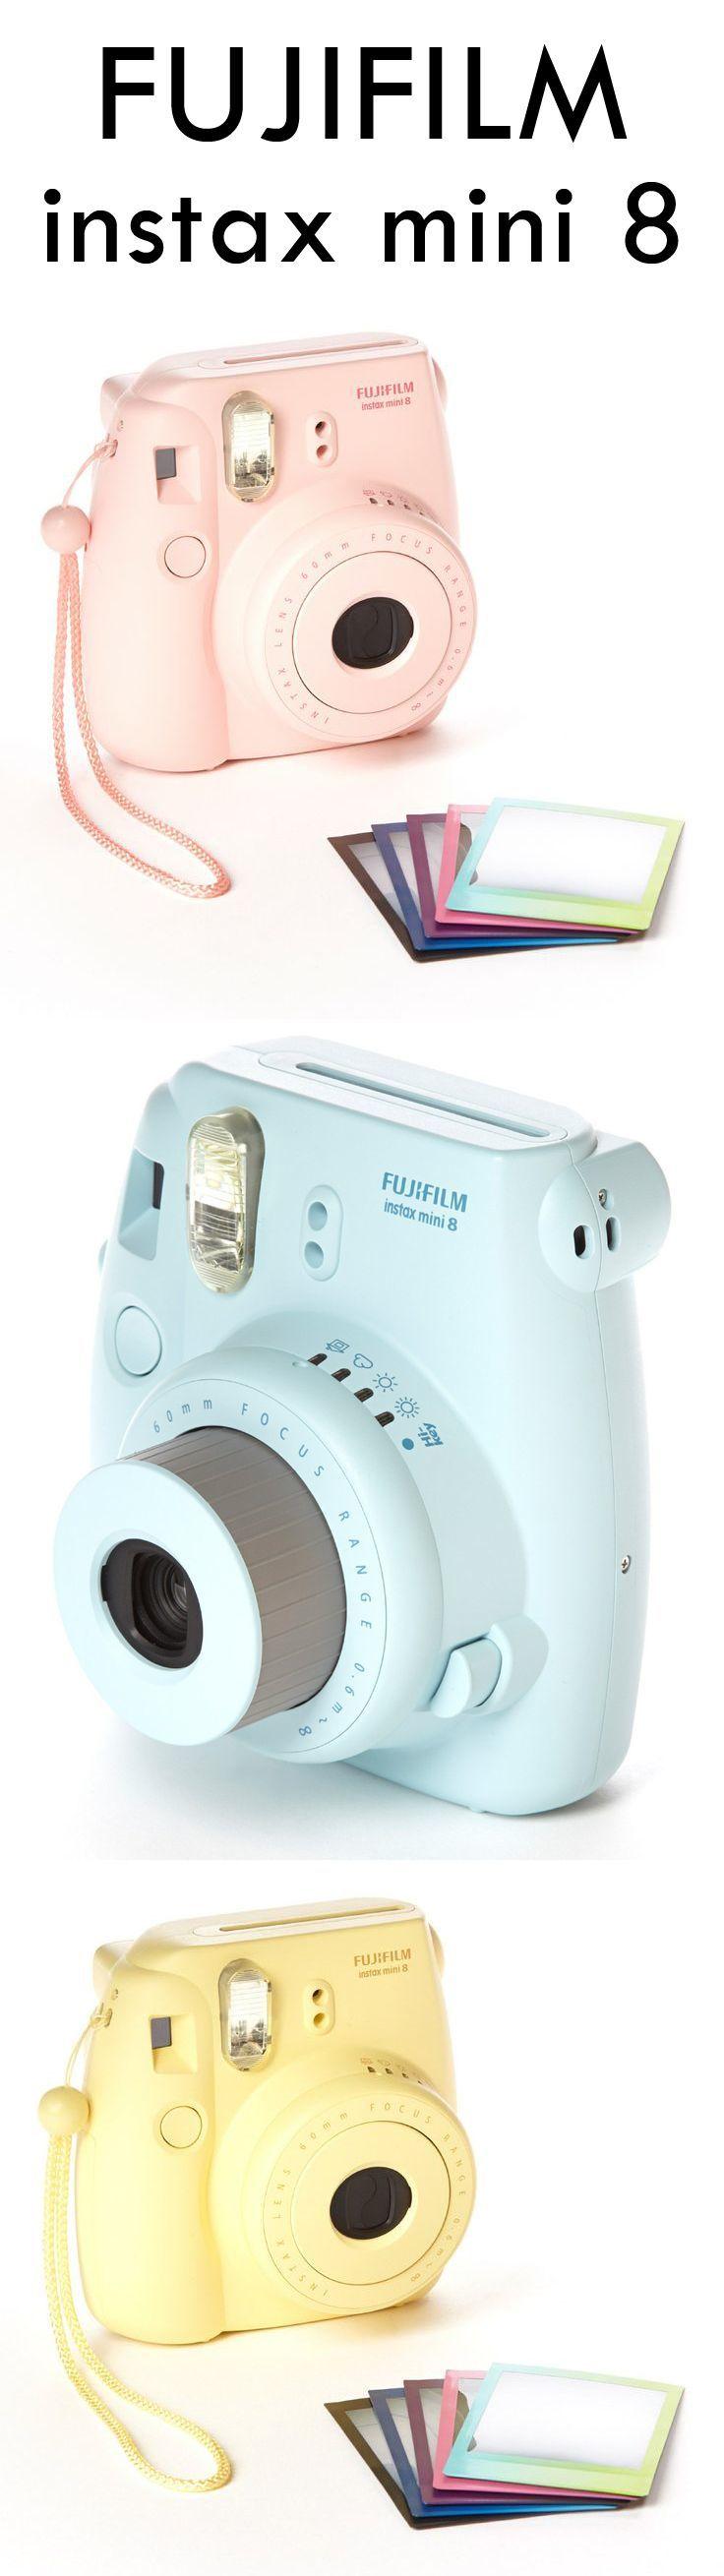 best 25 fujifilm polaroid ideas on pinterest polaroid. Black Bedroom Furniture Sets. Home Design Ideas